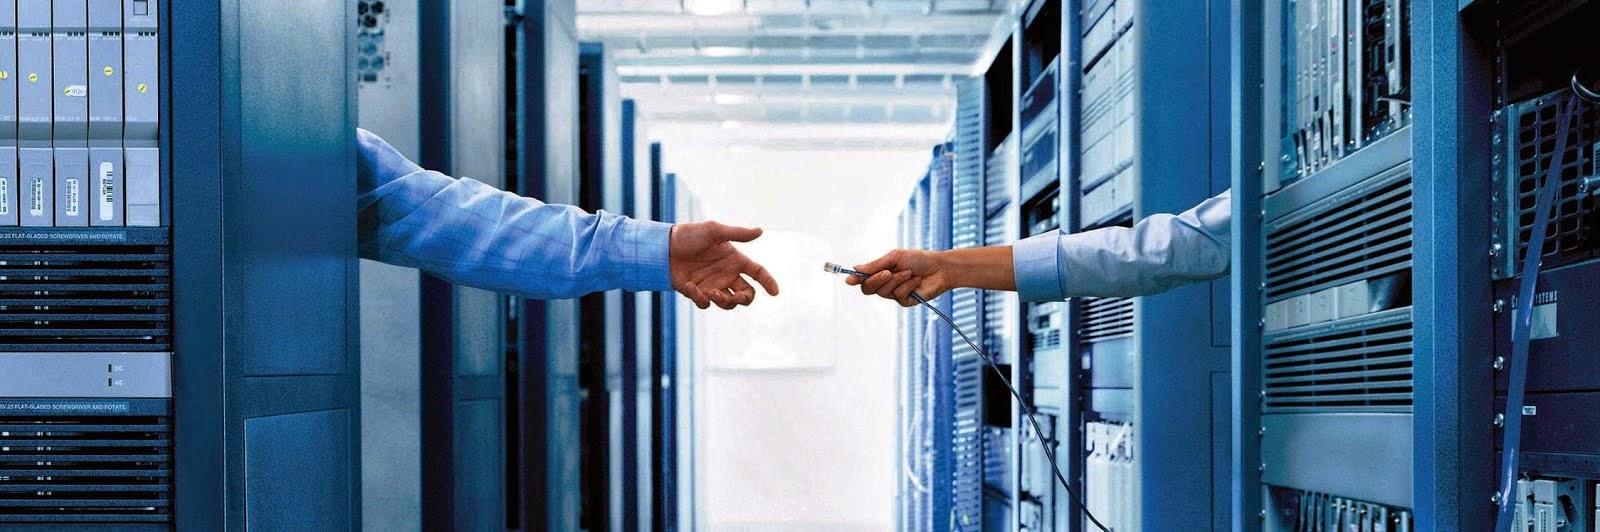 Bảo trì hệ thống mạng - máy tính